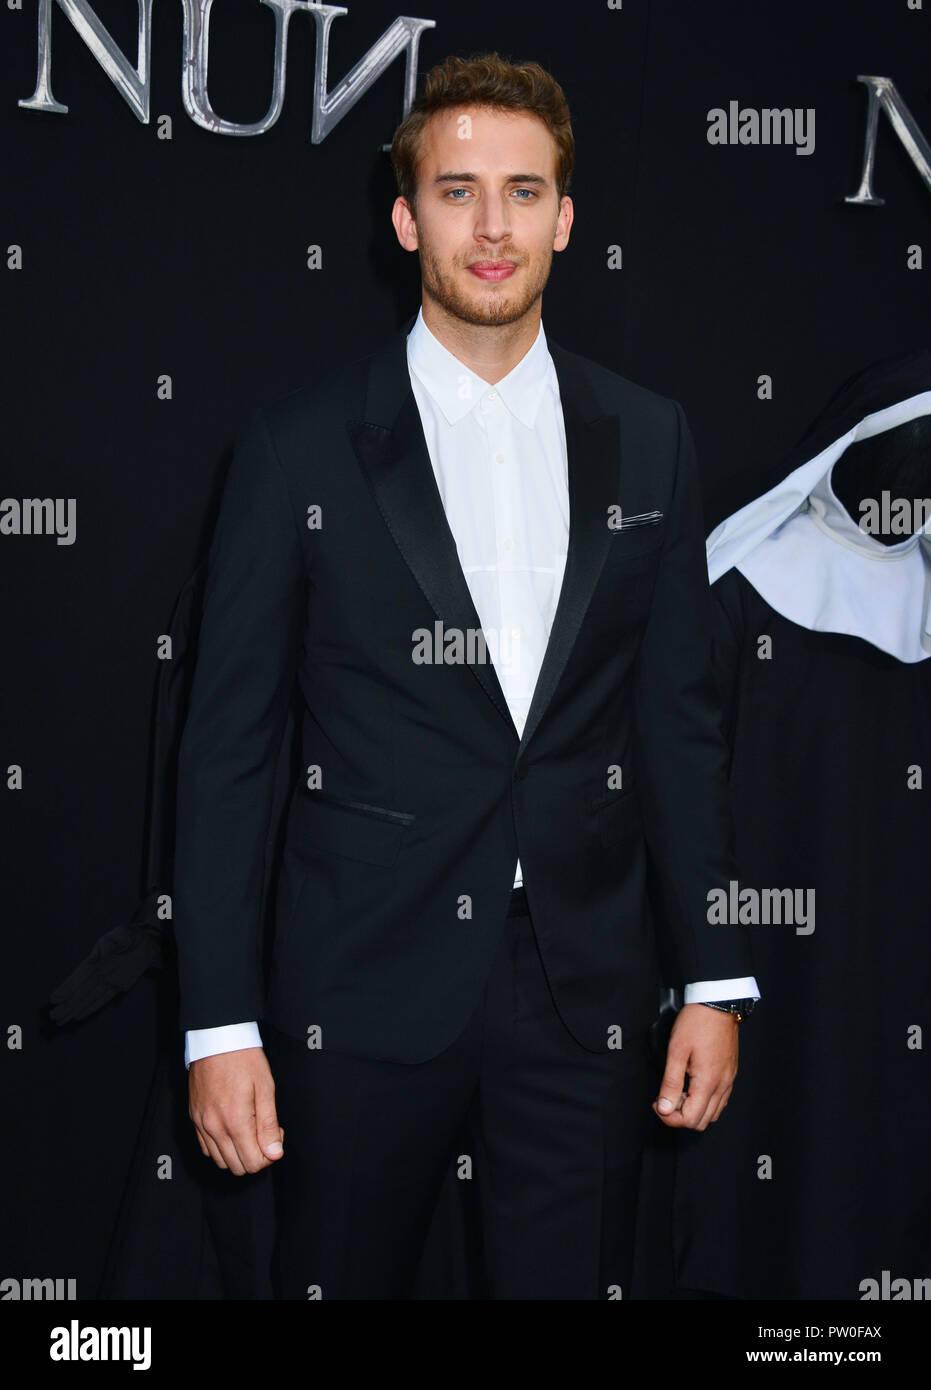 Jonas Bloquet 063 assiste à la première de Warner Bros Pictures' 'La Nun' le 4 septembre 2018 à Hollywood, Californie Photo Stock